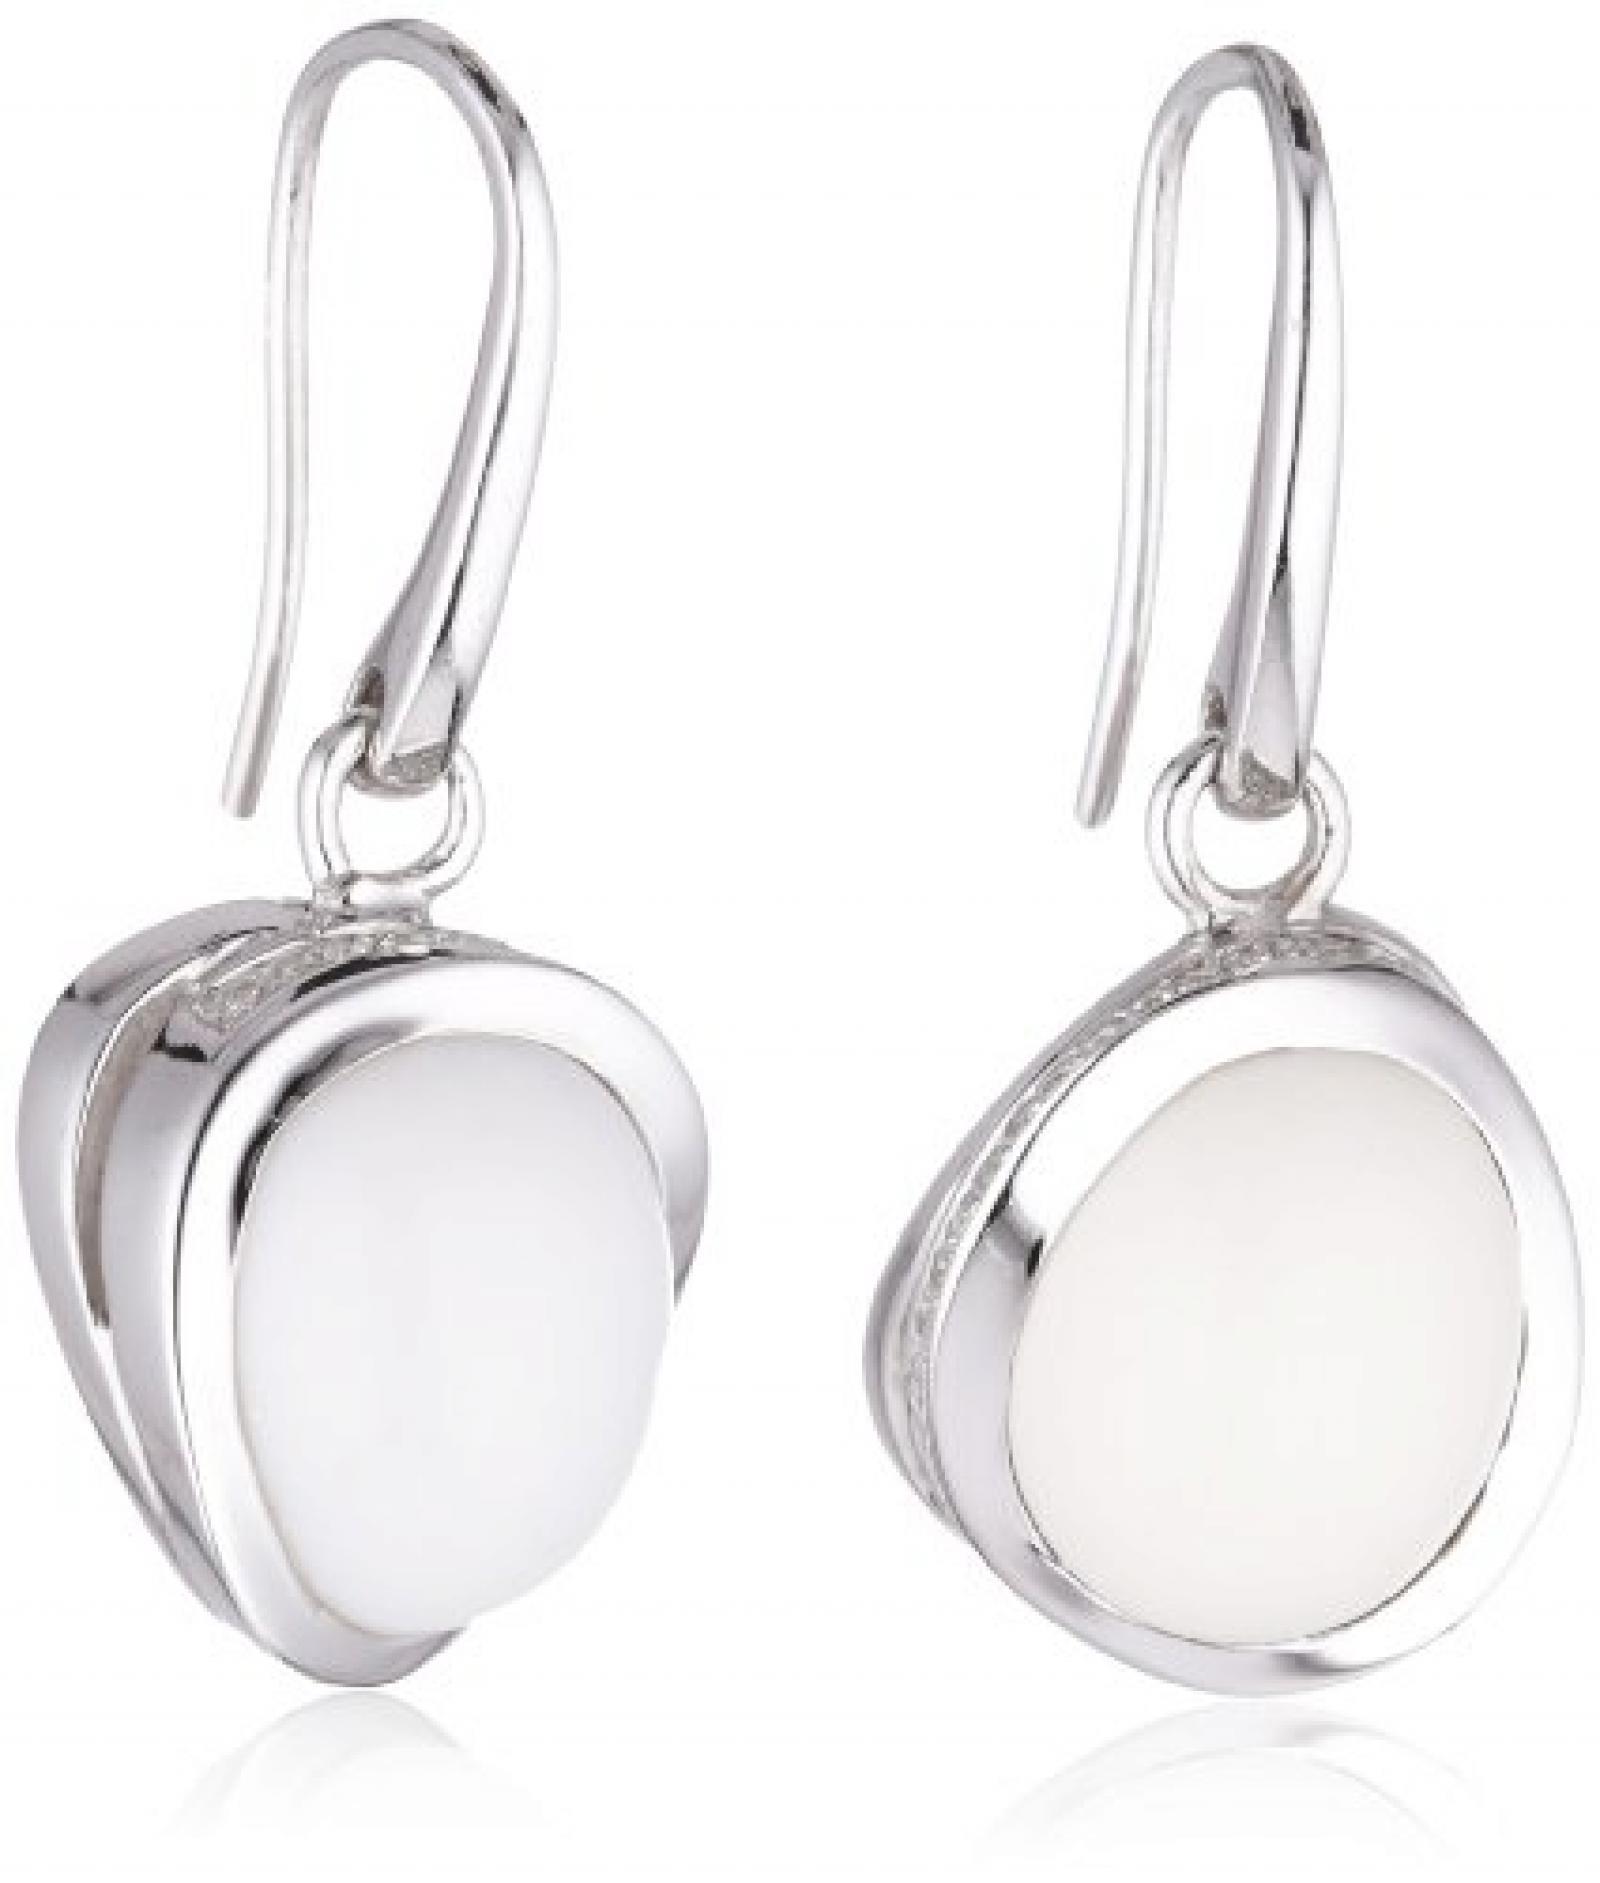 Viventy Damen-Ohrhänger 925 Sterling Silber mit 1 Zirkonia in weiss und 1 Achat in weiss 763424